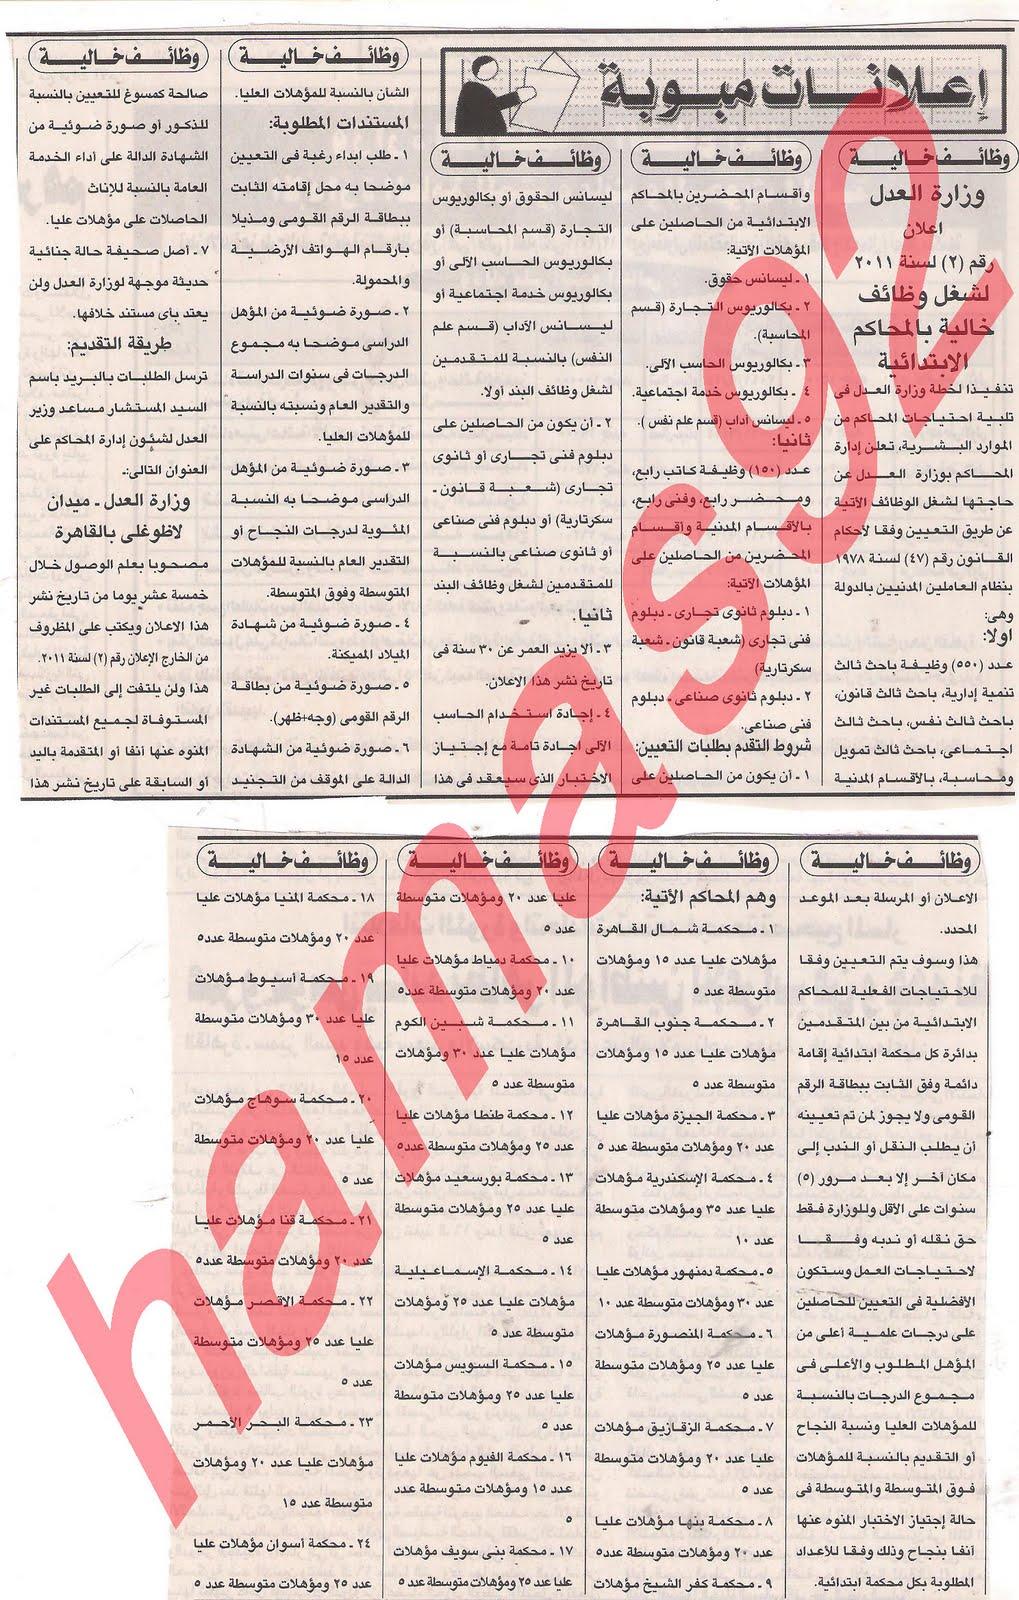 وظائف خاليه بالمحاكم الابتدائيه - وزاره العدل 2012  Picture+001